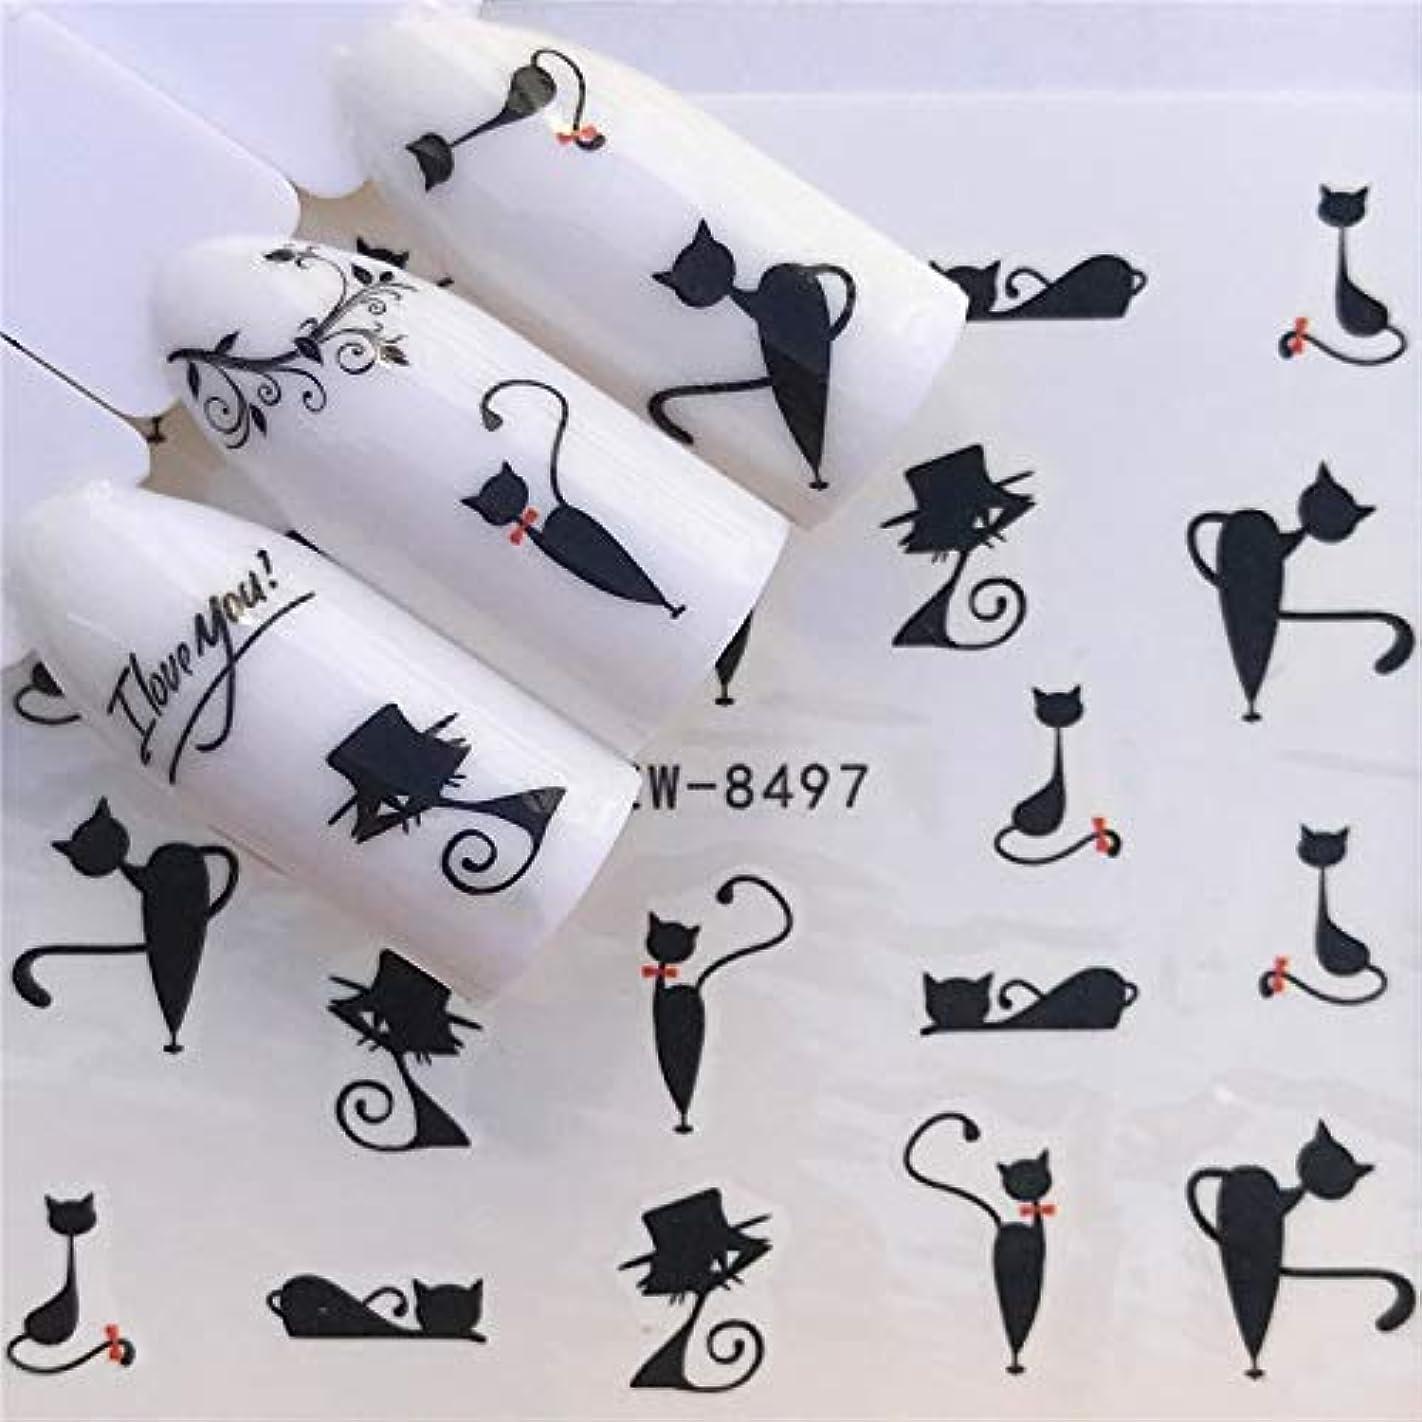 手足ビューティーケア 3ピースネイルステッカーセットデカール水転写スライダーネイルアートデコレーション、色:YZW8497